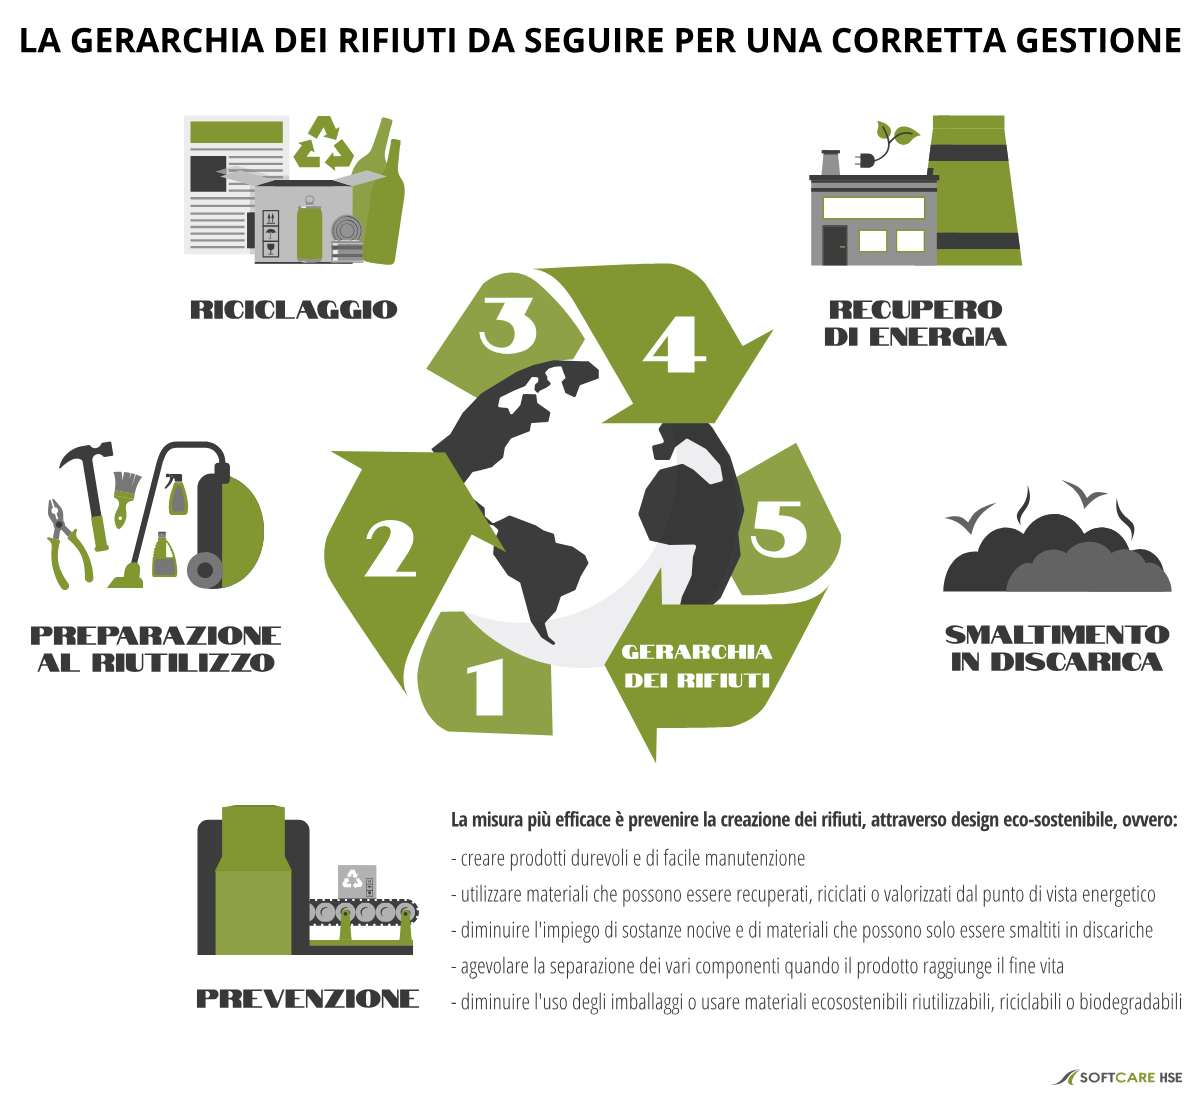 gestione rifiuti attraverso la gerarchia dei rifiuti come da d lgs 152 2006